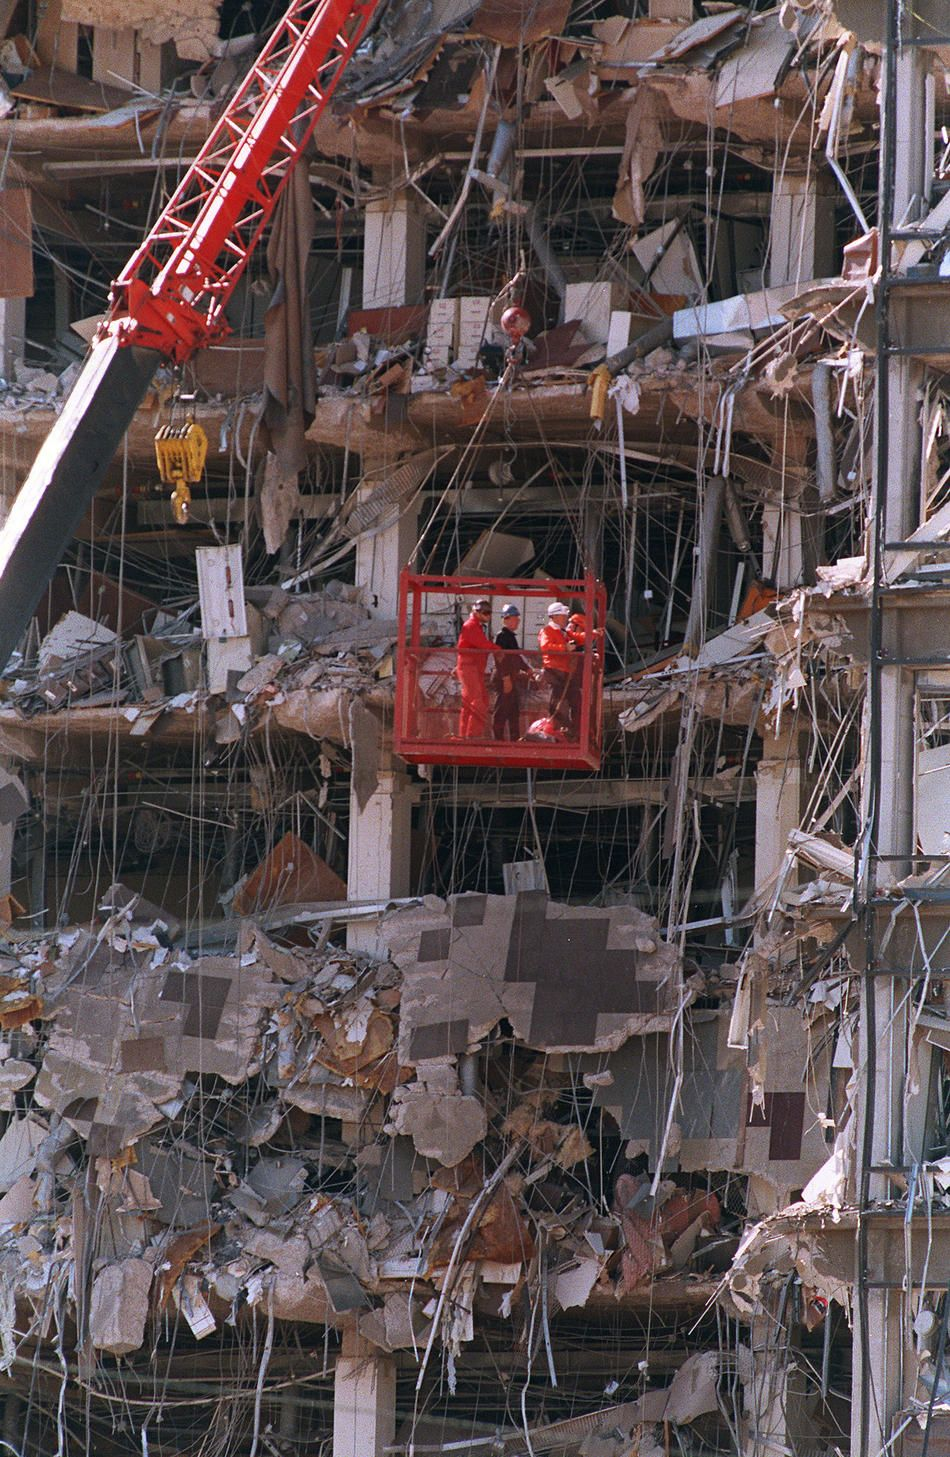 Oklahoma City Bombing On 4-19-1995